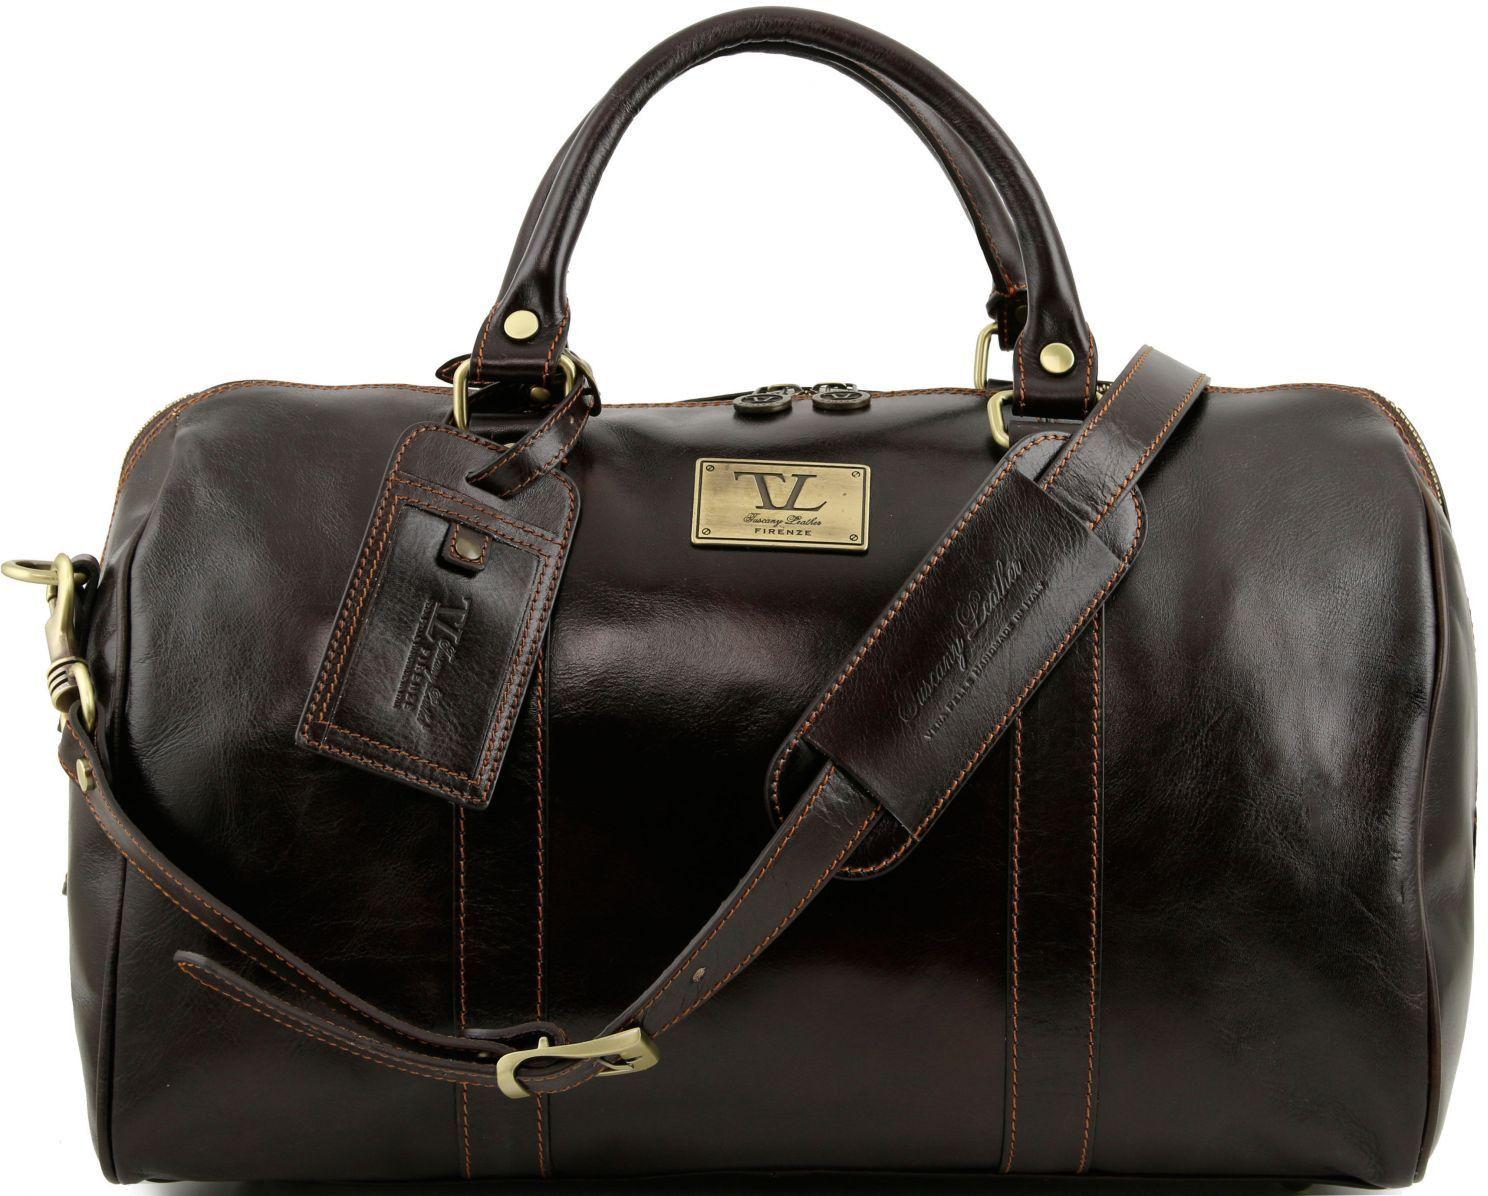 Σάκος Ταξιδίου Δερμάτινος TL Voyager TL141250 Καφέ σκούρο Tuscany Leather